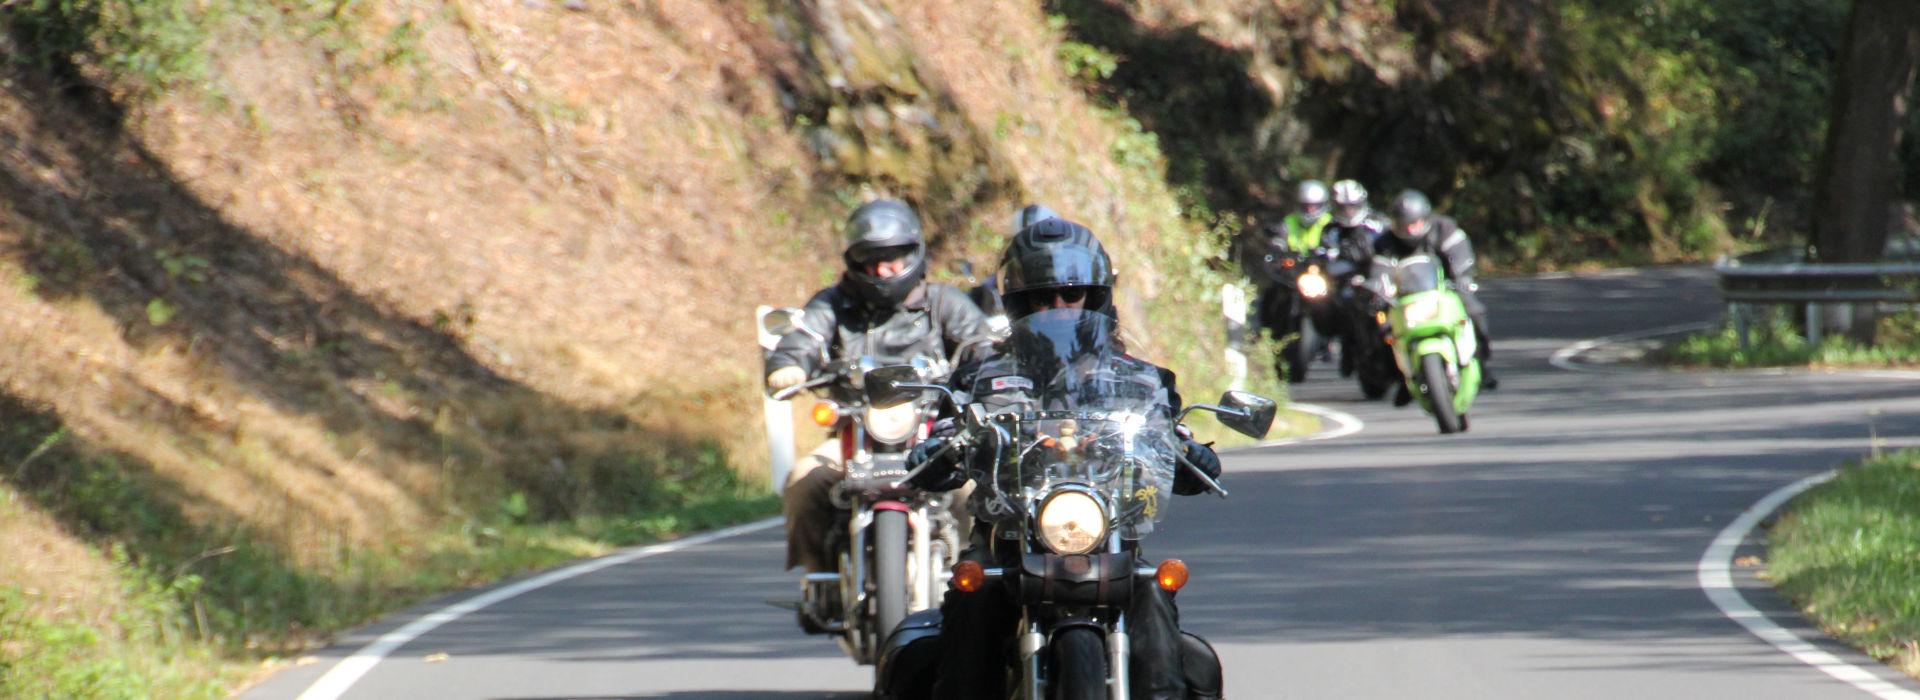 Motorrijbewijspoint Wezep spoed motorrijbewijs